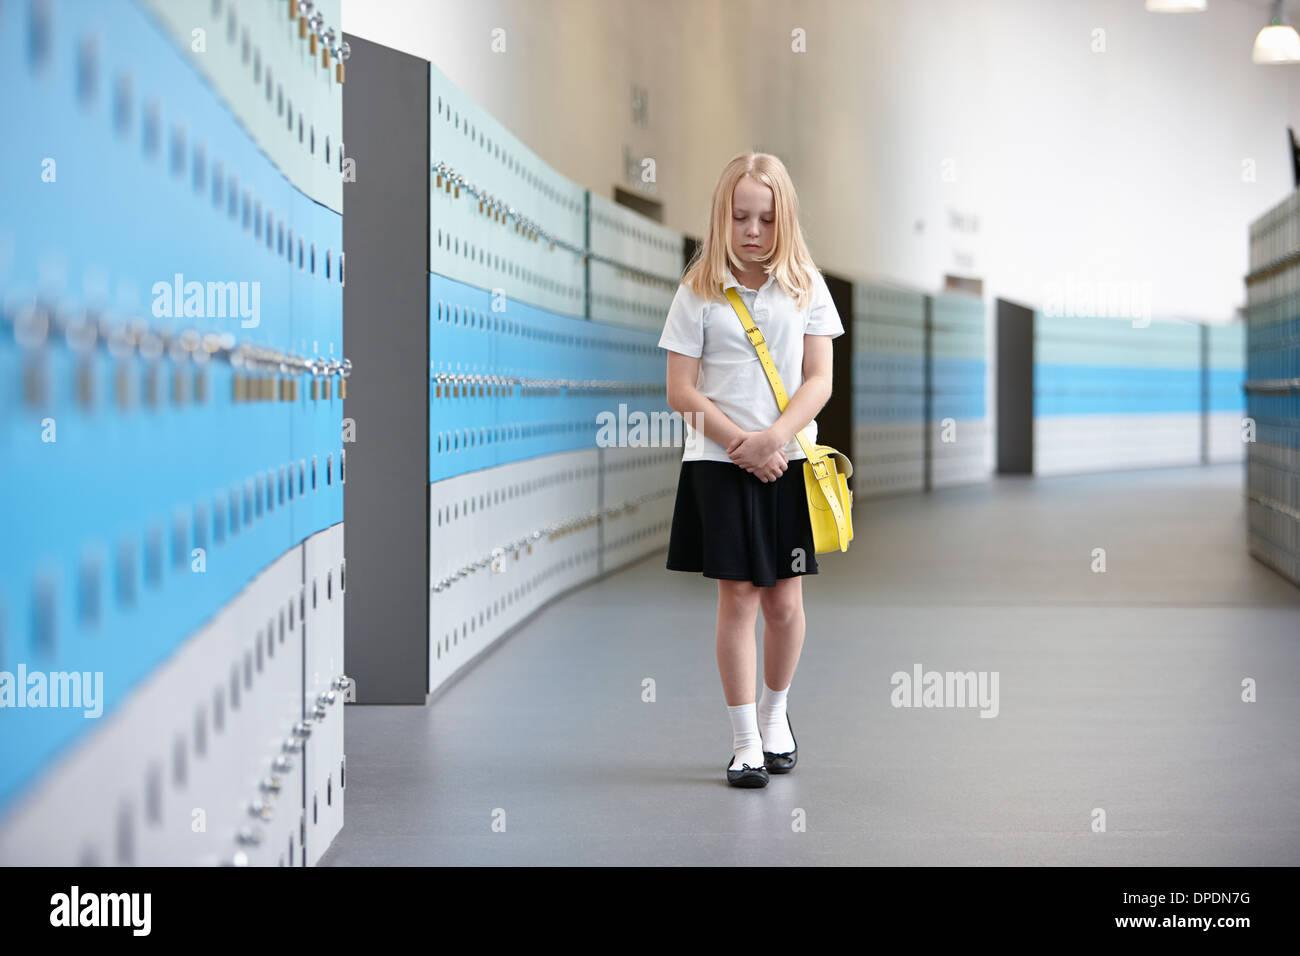 Lycéenne malheureux de marcher seul dans les couloir d'école Photo Stock